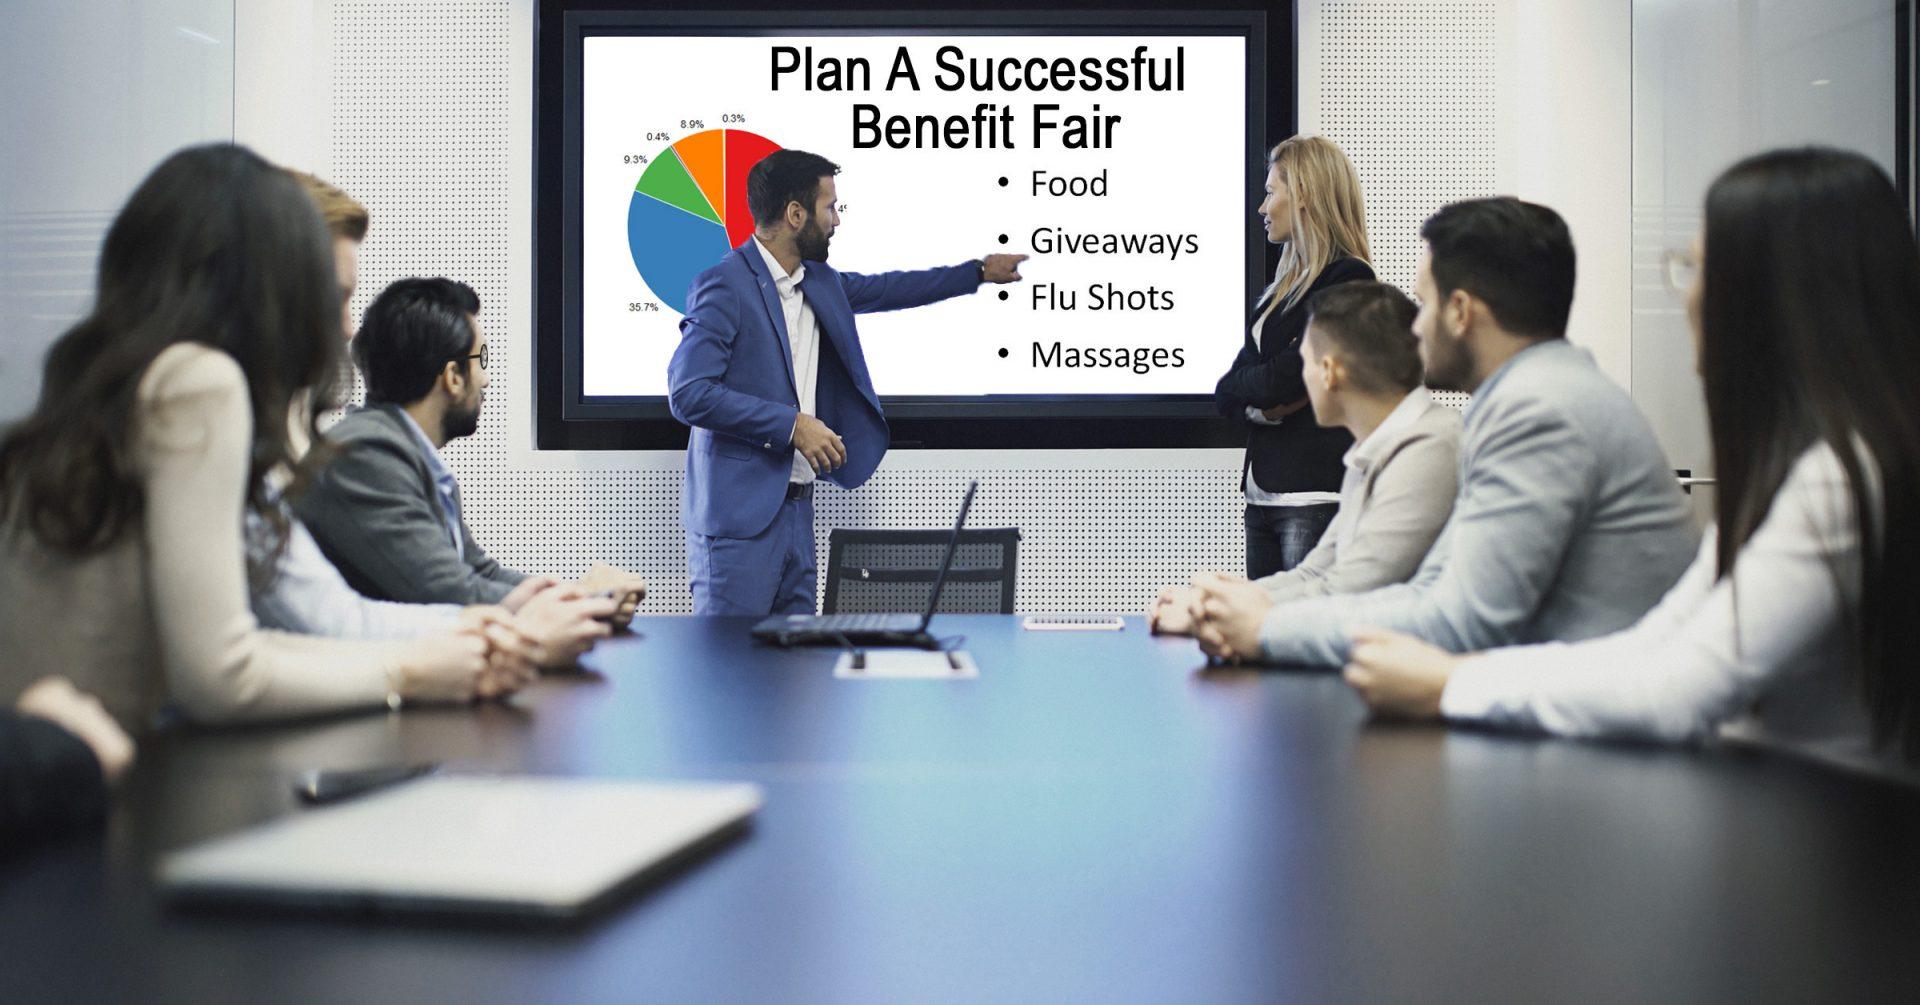 Planning an employee benefit fair